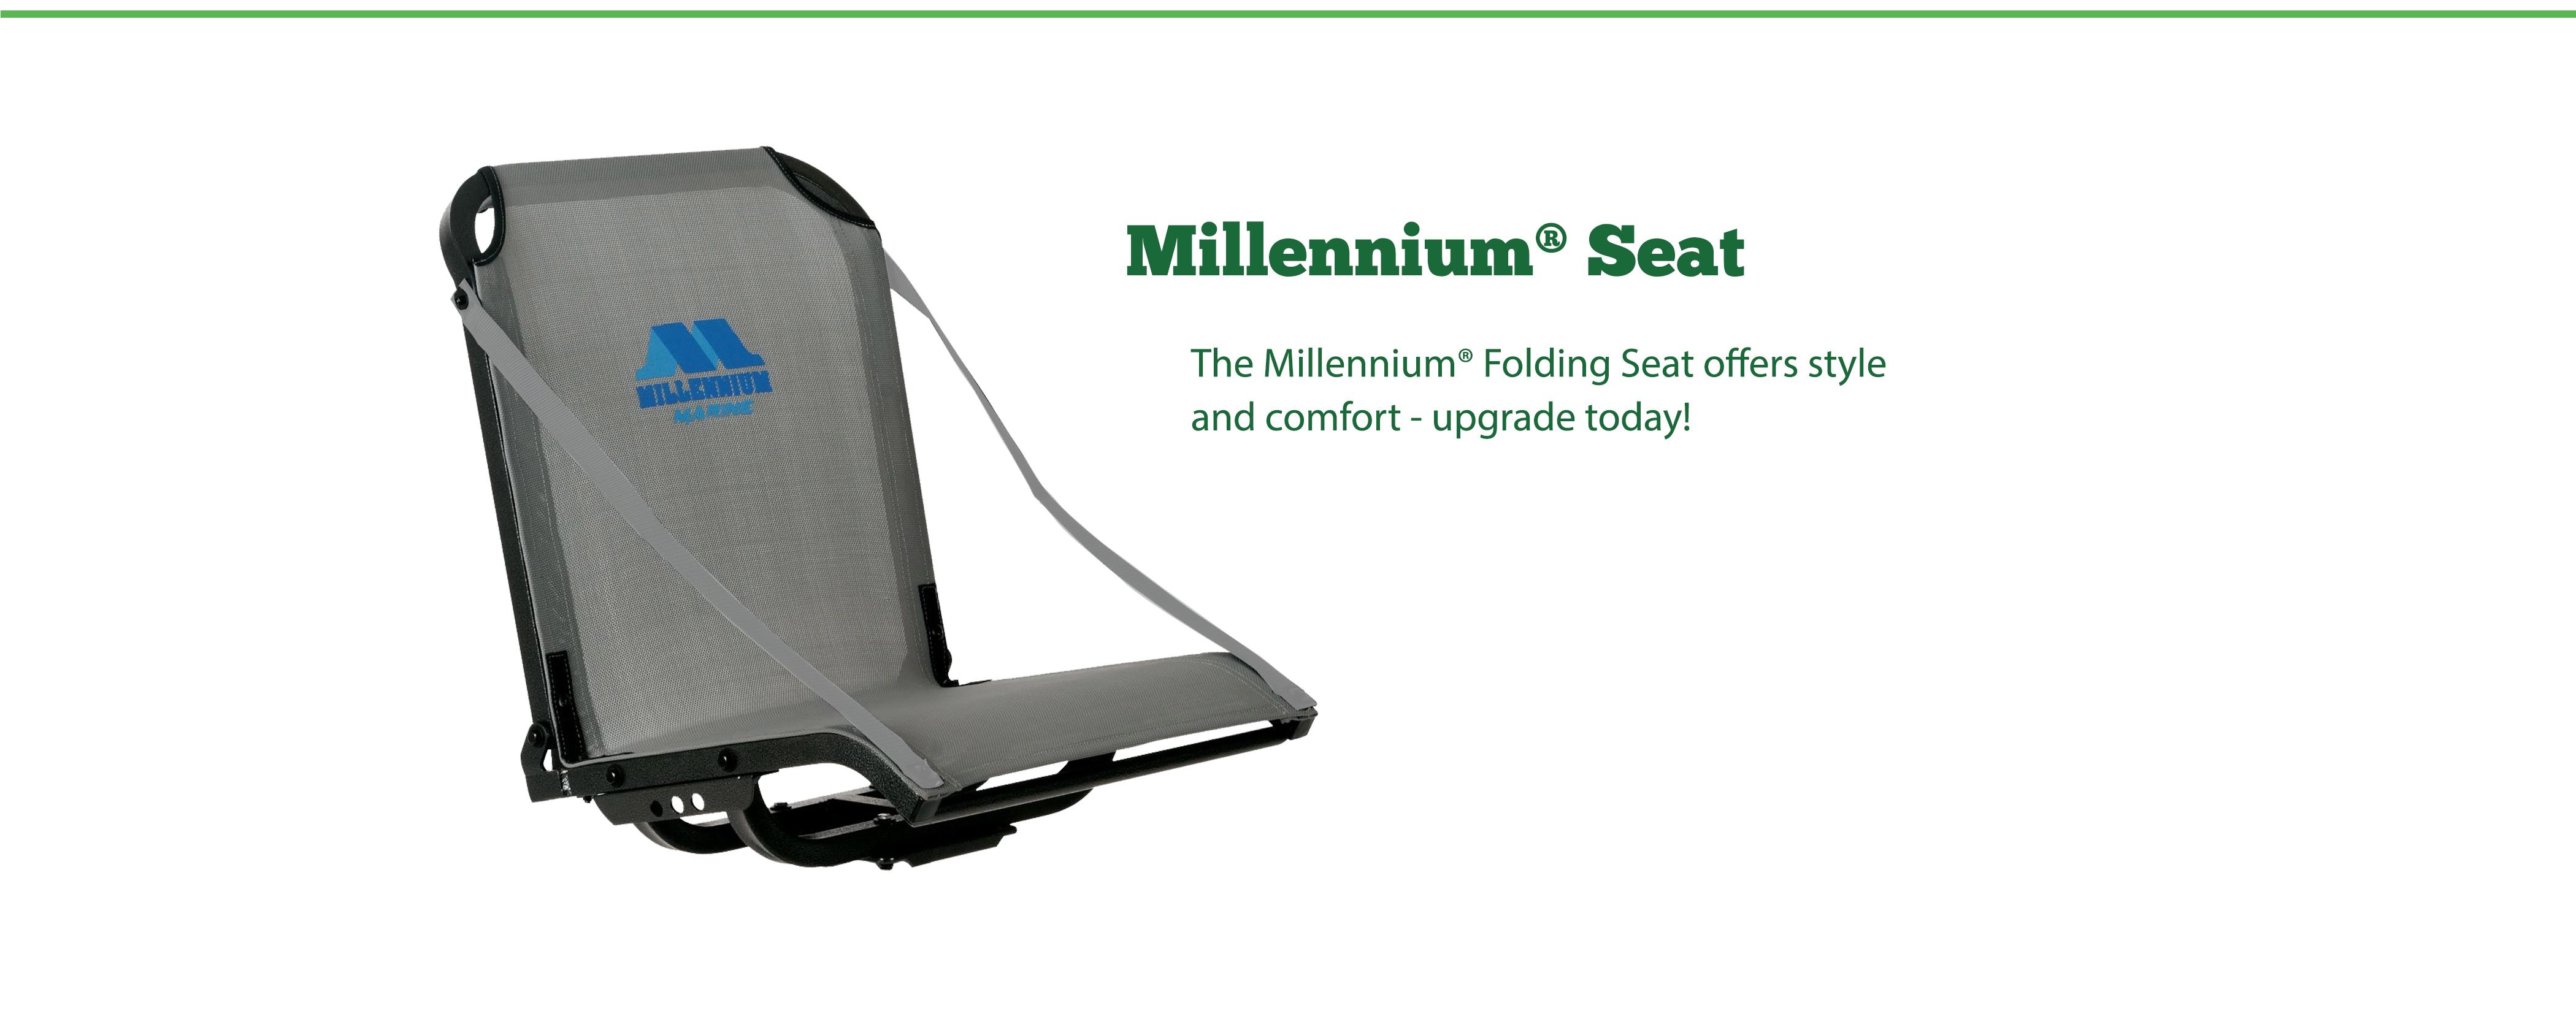 Millennium Seat